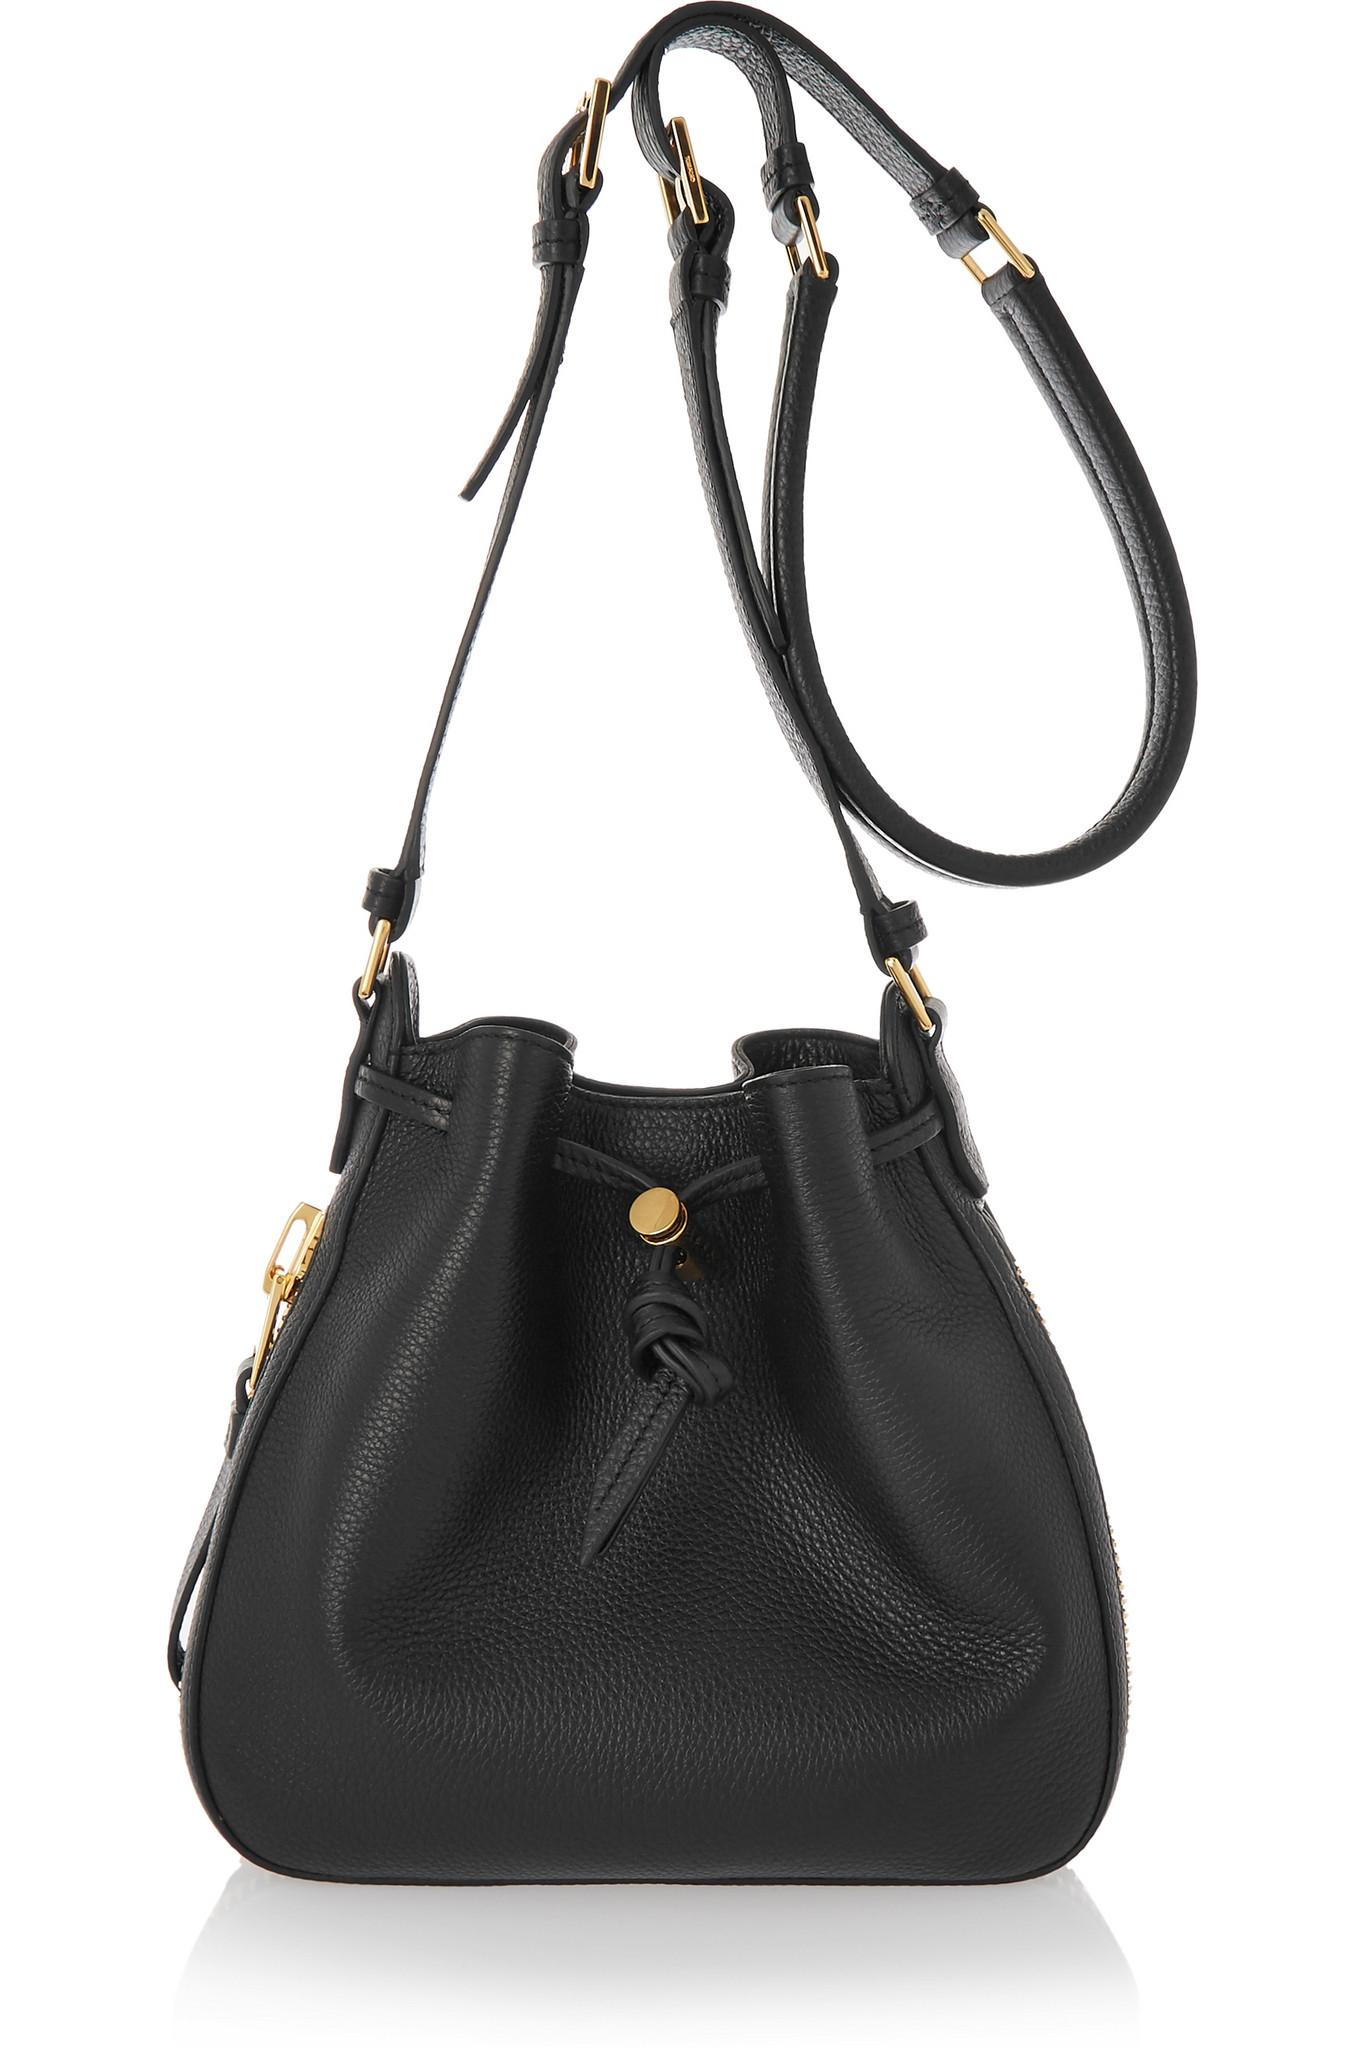 New Tom Ford Womens Jennifer Large Shoulder Bag Black In Black